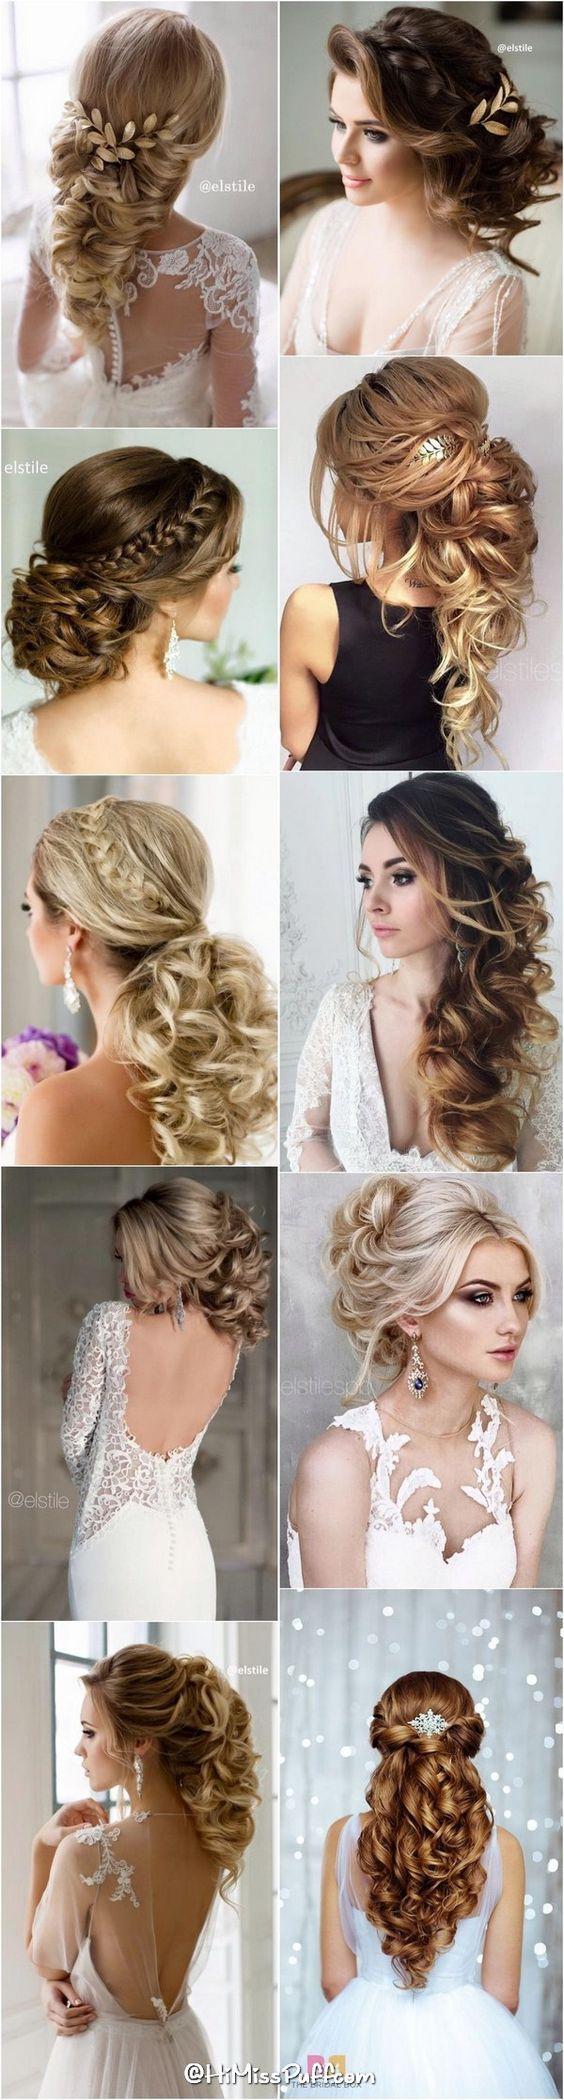 Peinados de novia de la boda para el pelo largo que inspirará